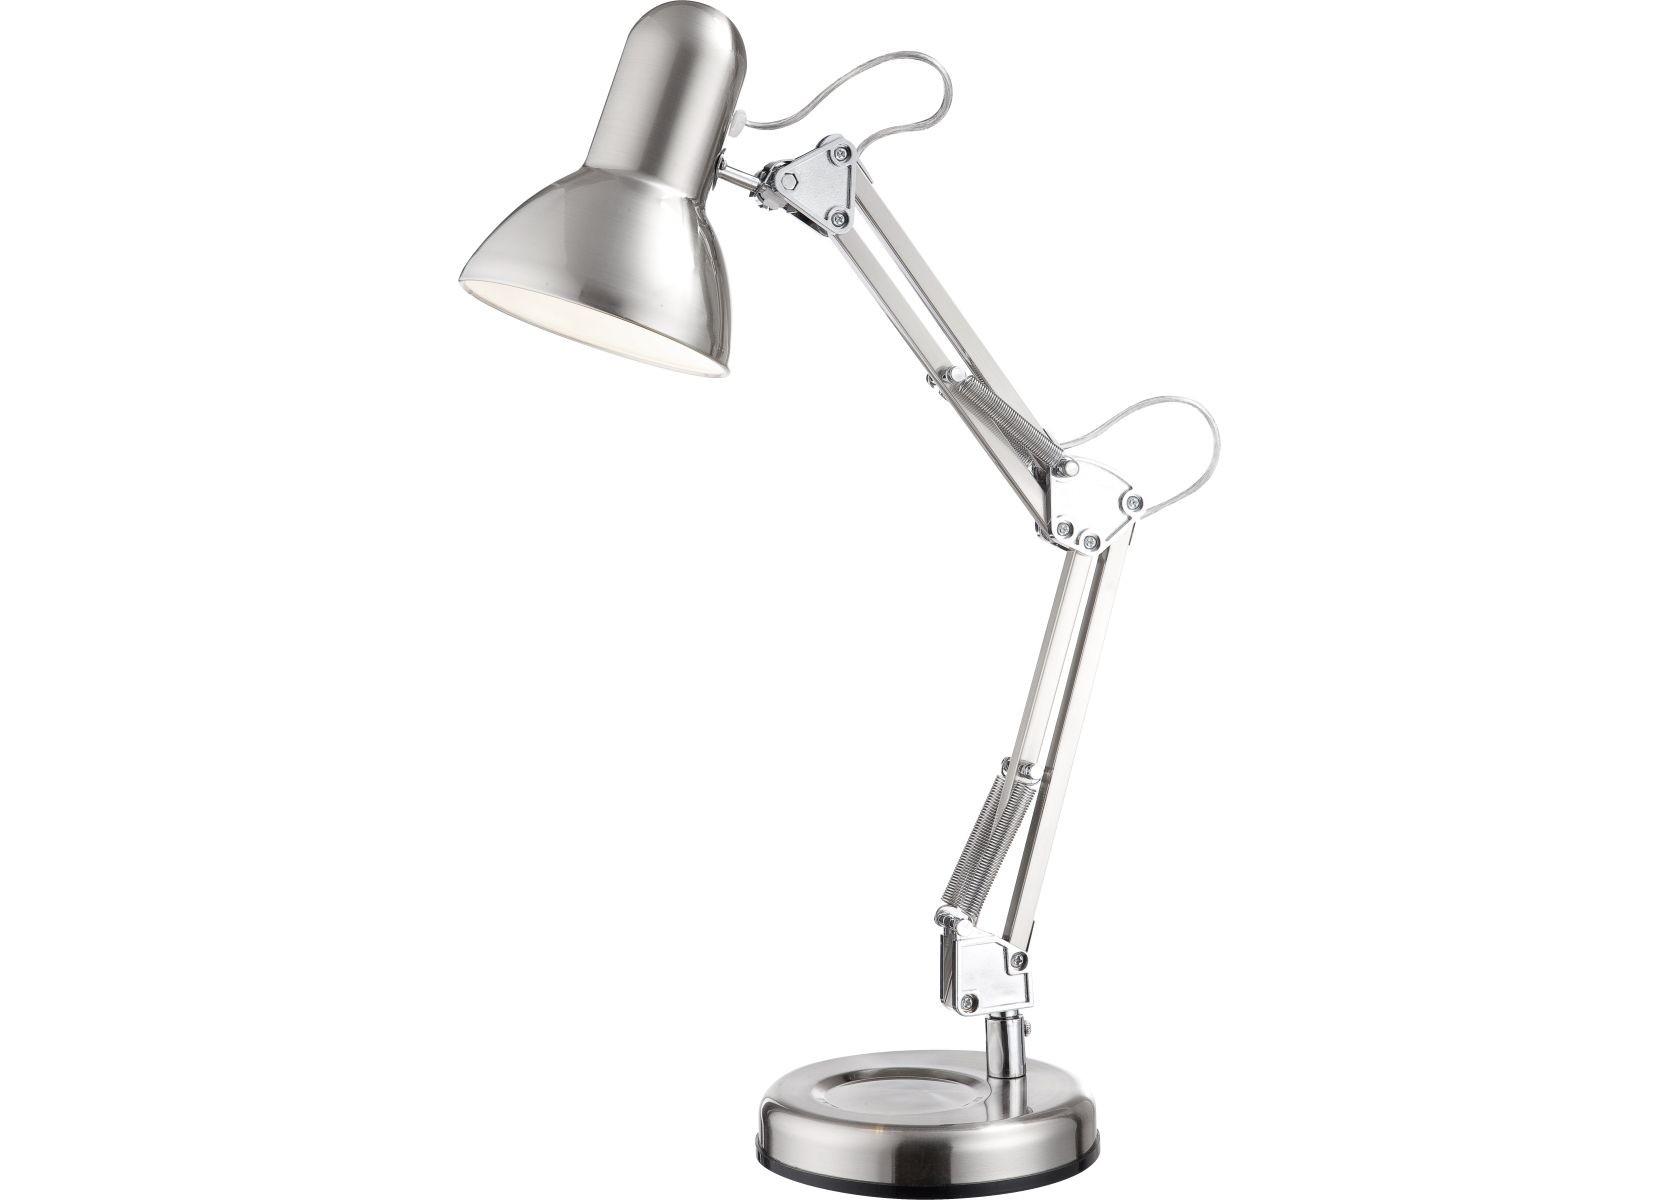 Настольная лампаНастольные лампы<br>&amp;lt;div&amp;gt;Вид цоколя: E27&amp;lt;/div&amp;gt;&amp;lt;div&amp;gt;Мощность: 40W&amp;lt;/div&amp;gt;&amp;lt;div&amp;gt;Количество ламп: 1&amp;lt;/div&amp;gt;<br><br>Material: Пластик